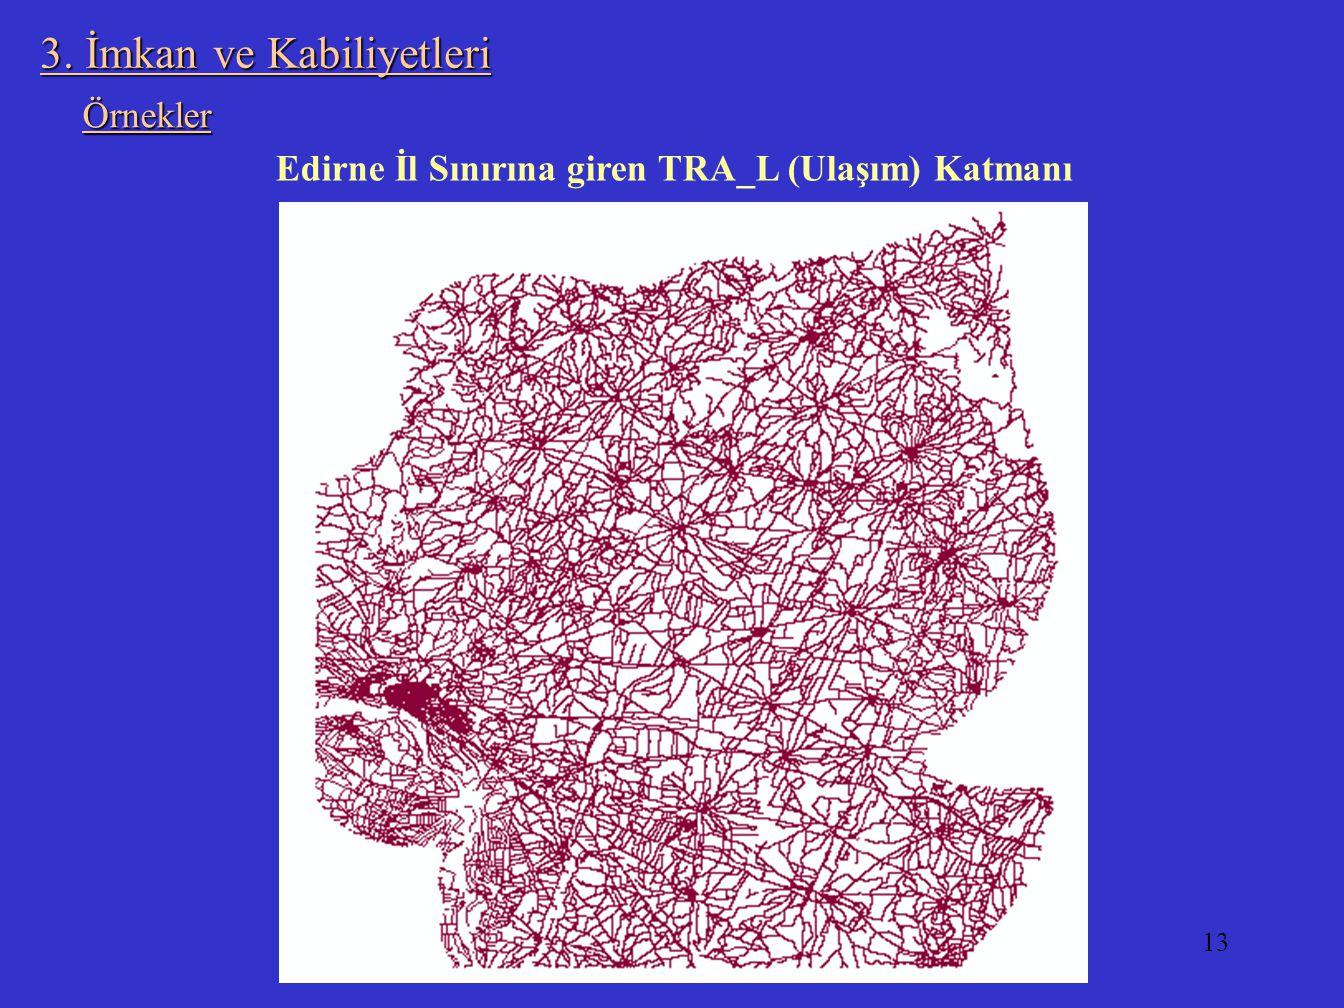 13 3. İmkan ve Kabiliyetleri Edirne İl Sınırına giren TRA_L (Ulaşım) Katmanı Örnekler